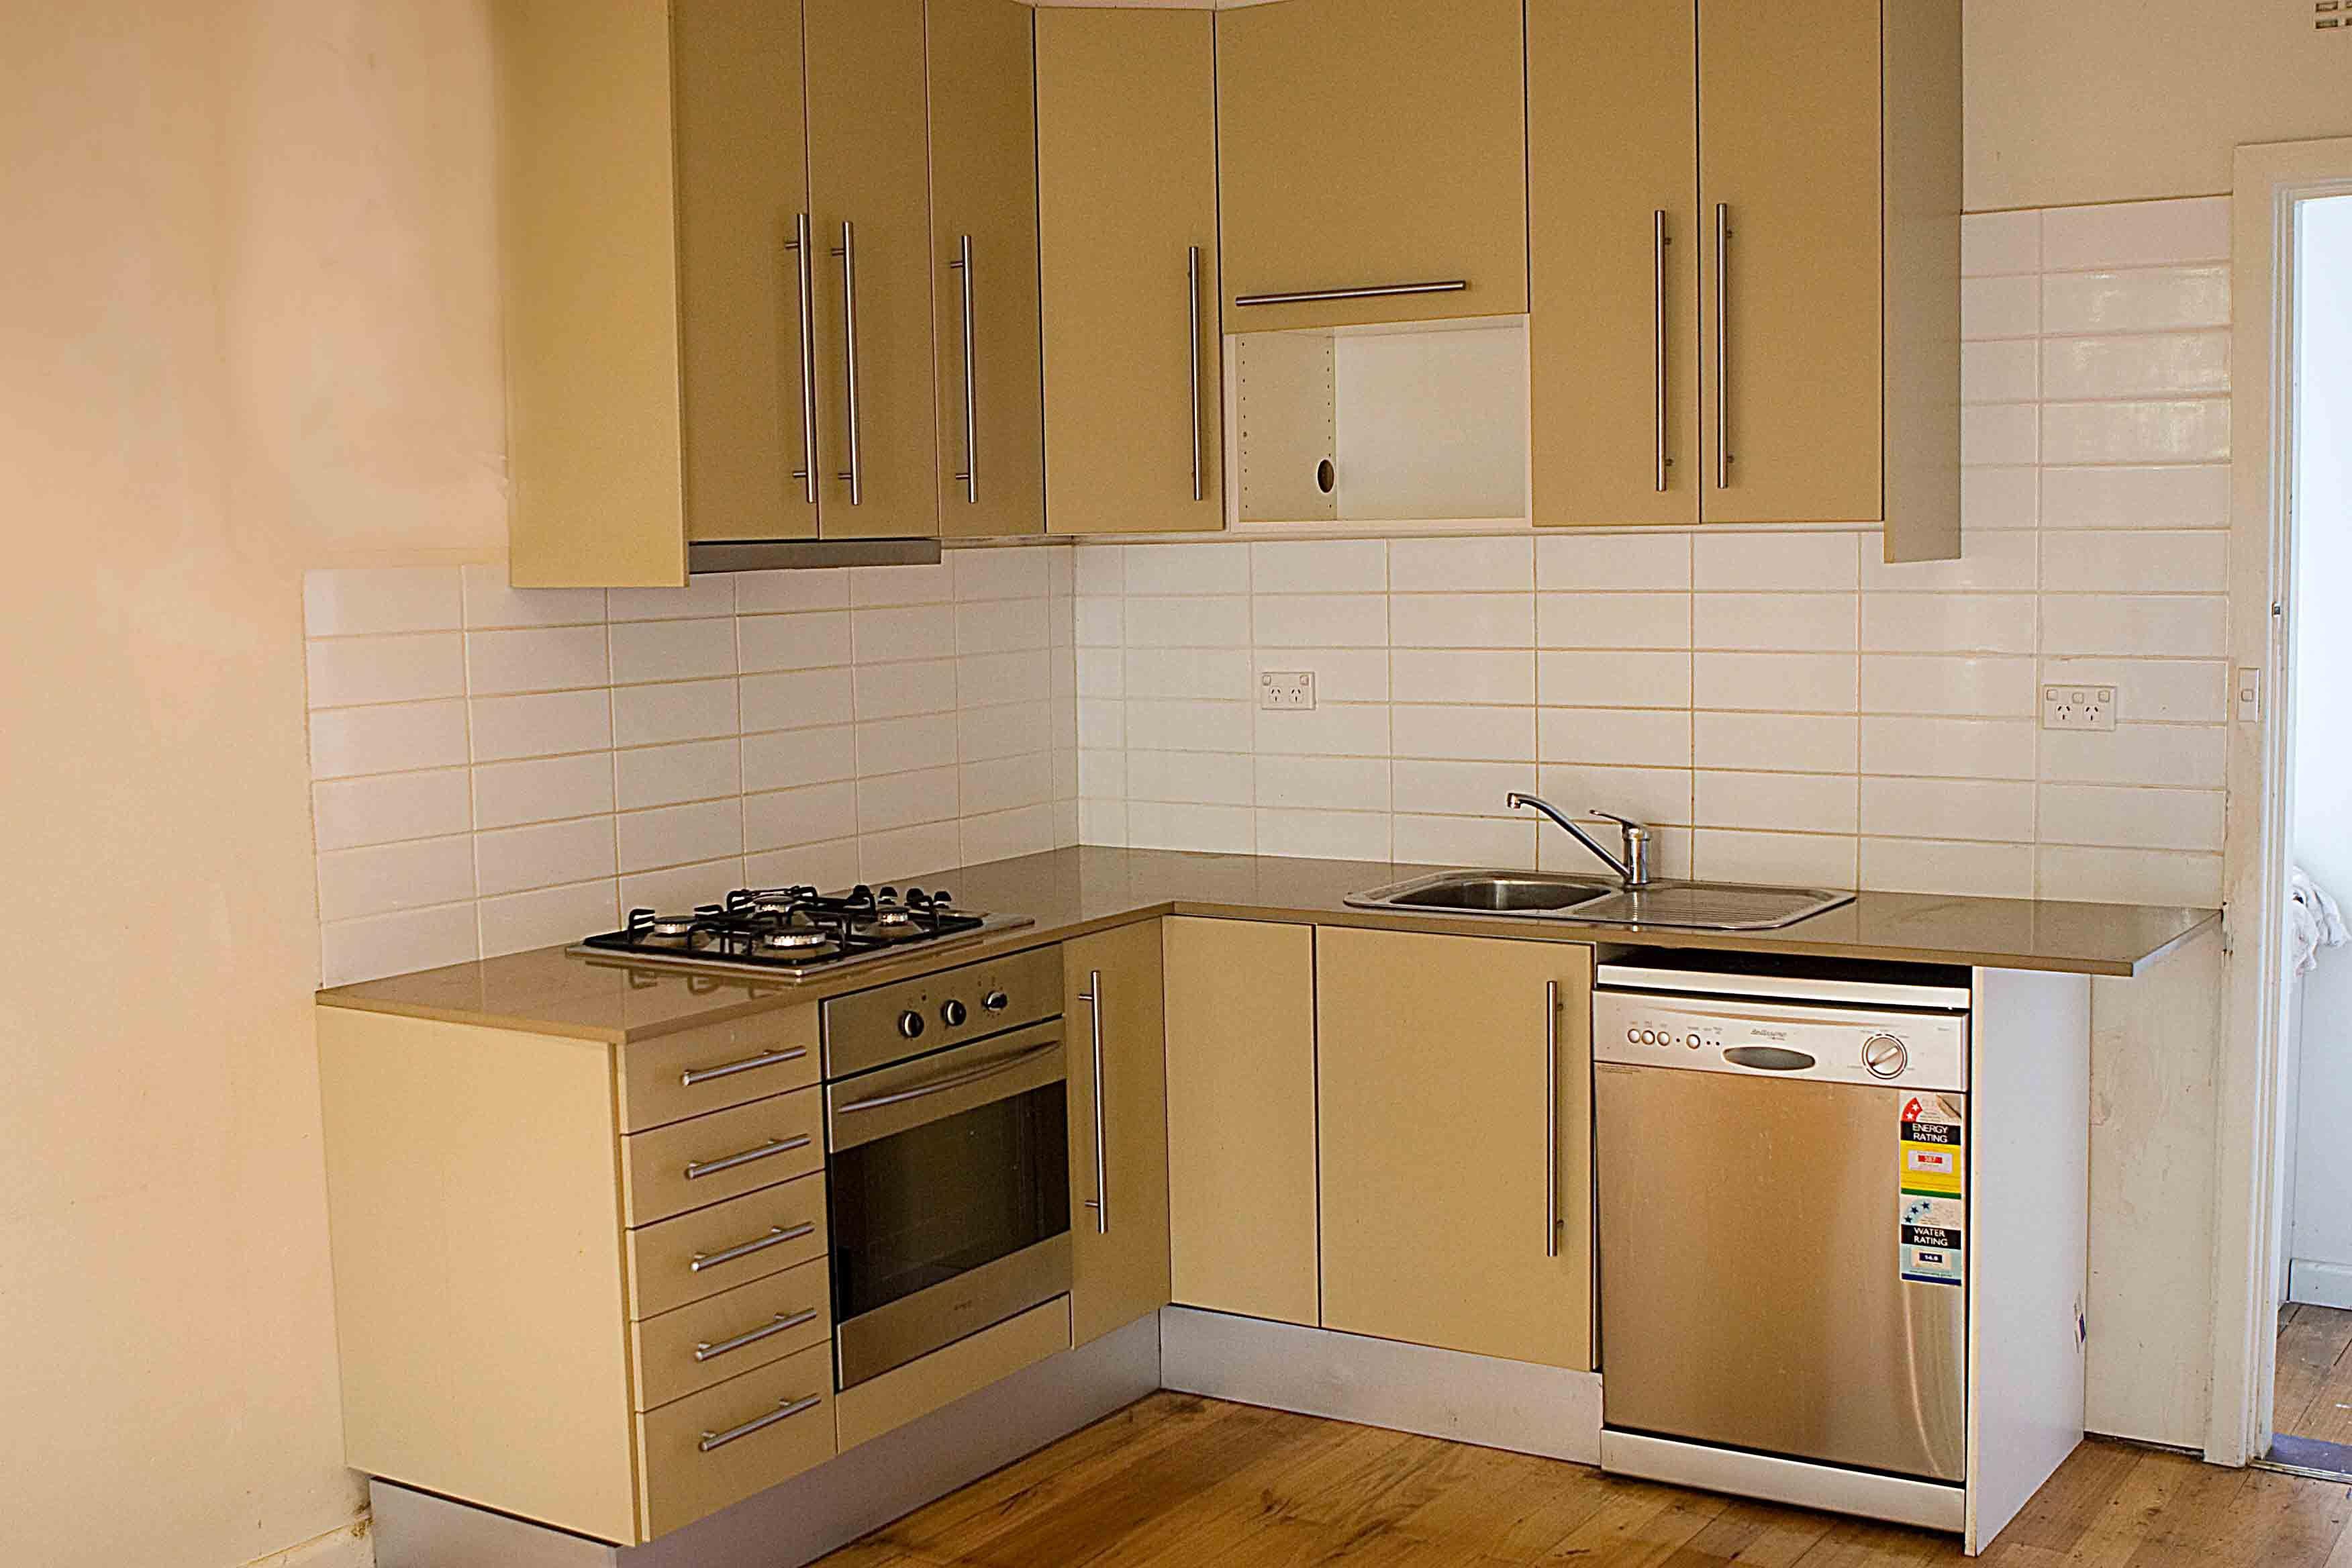 Küchenschränke Ideen Für Kleine Küche   Kleine wohnung küche ...